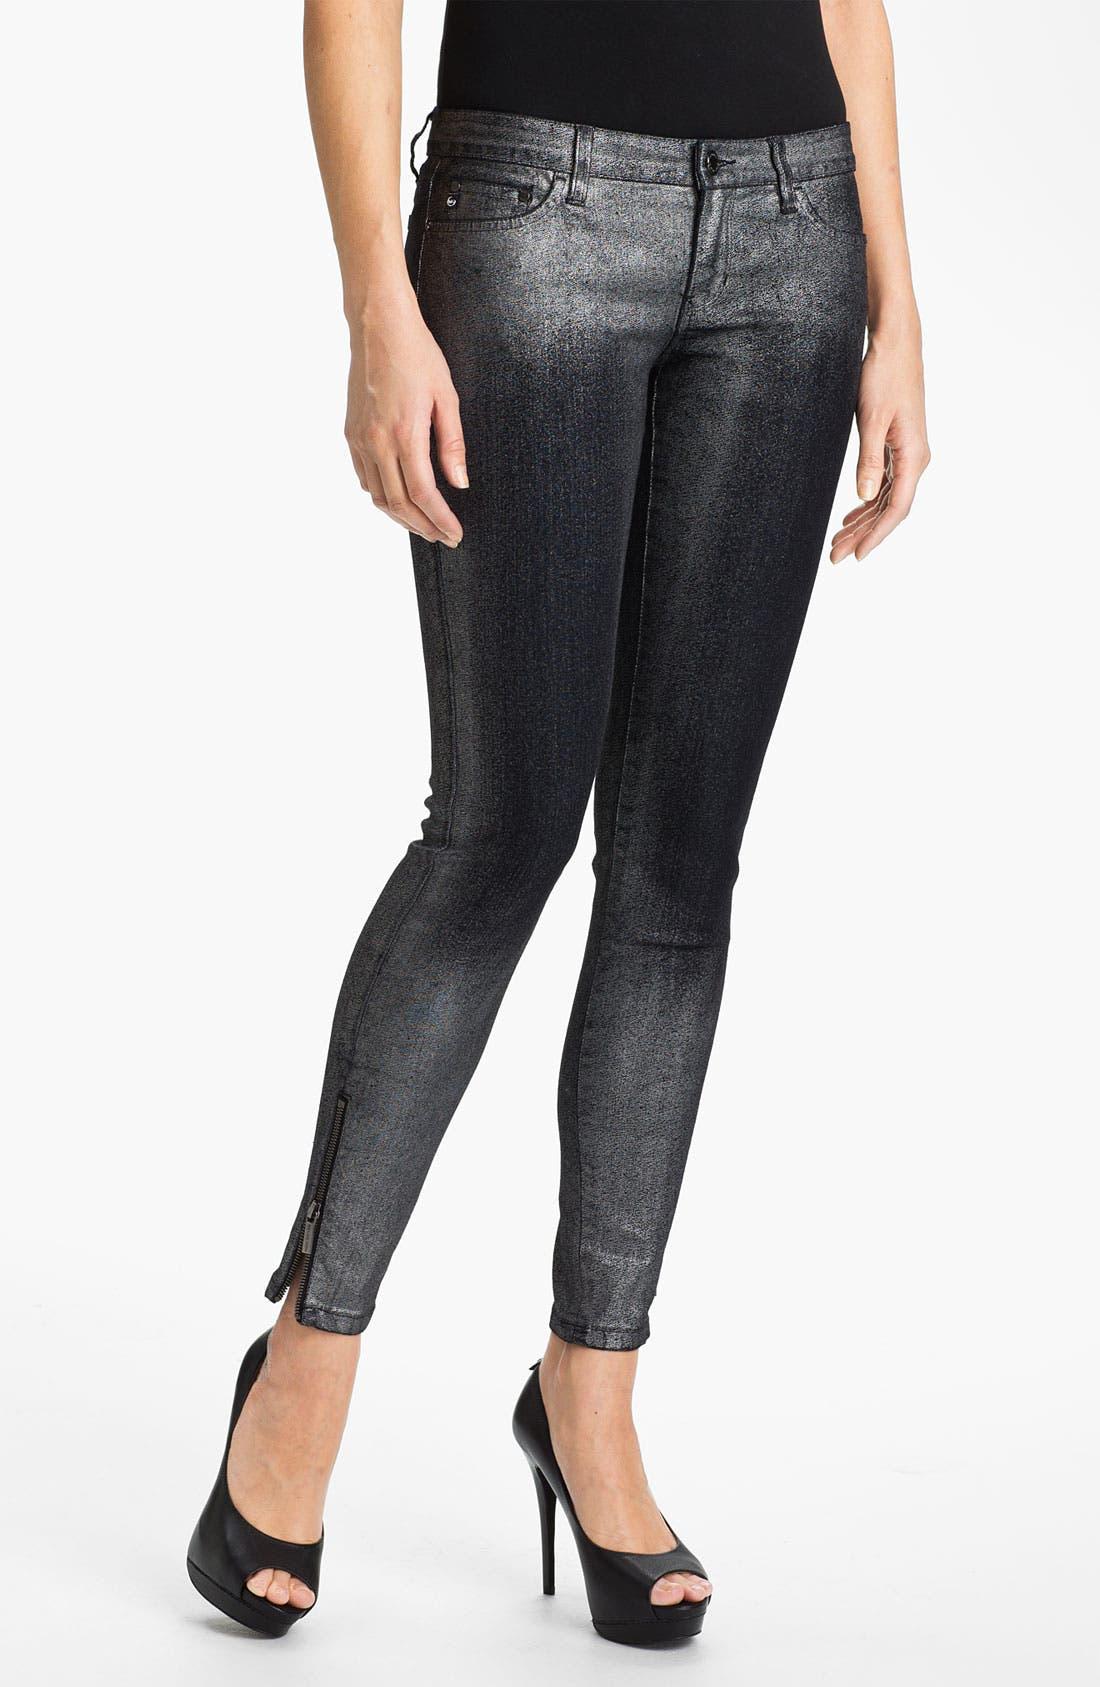 Alternate Image 1 Selected - MICHAEL Michael Kors Metallic Foil Skinny Pants